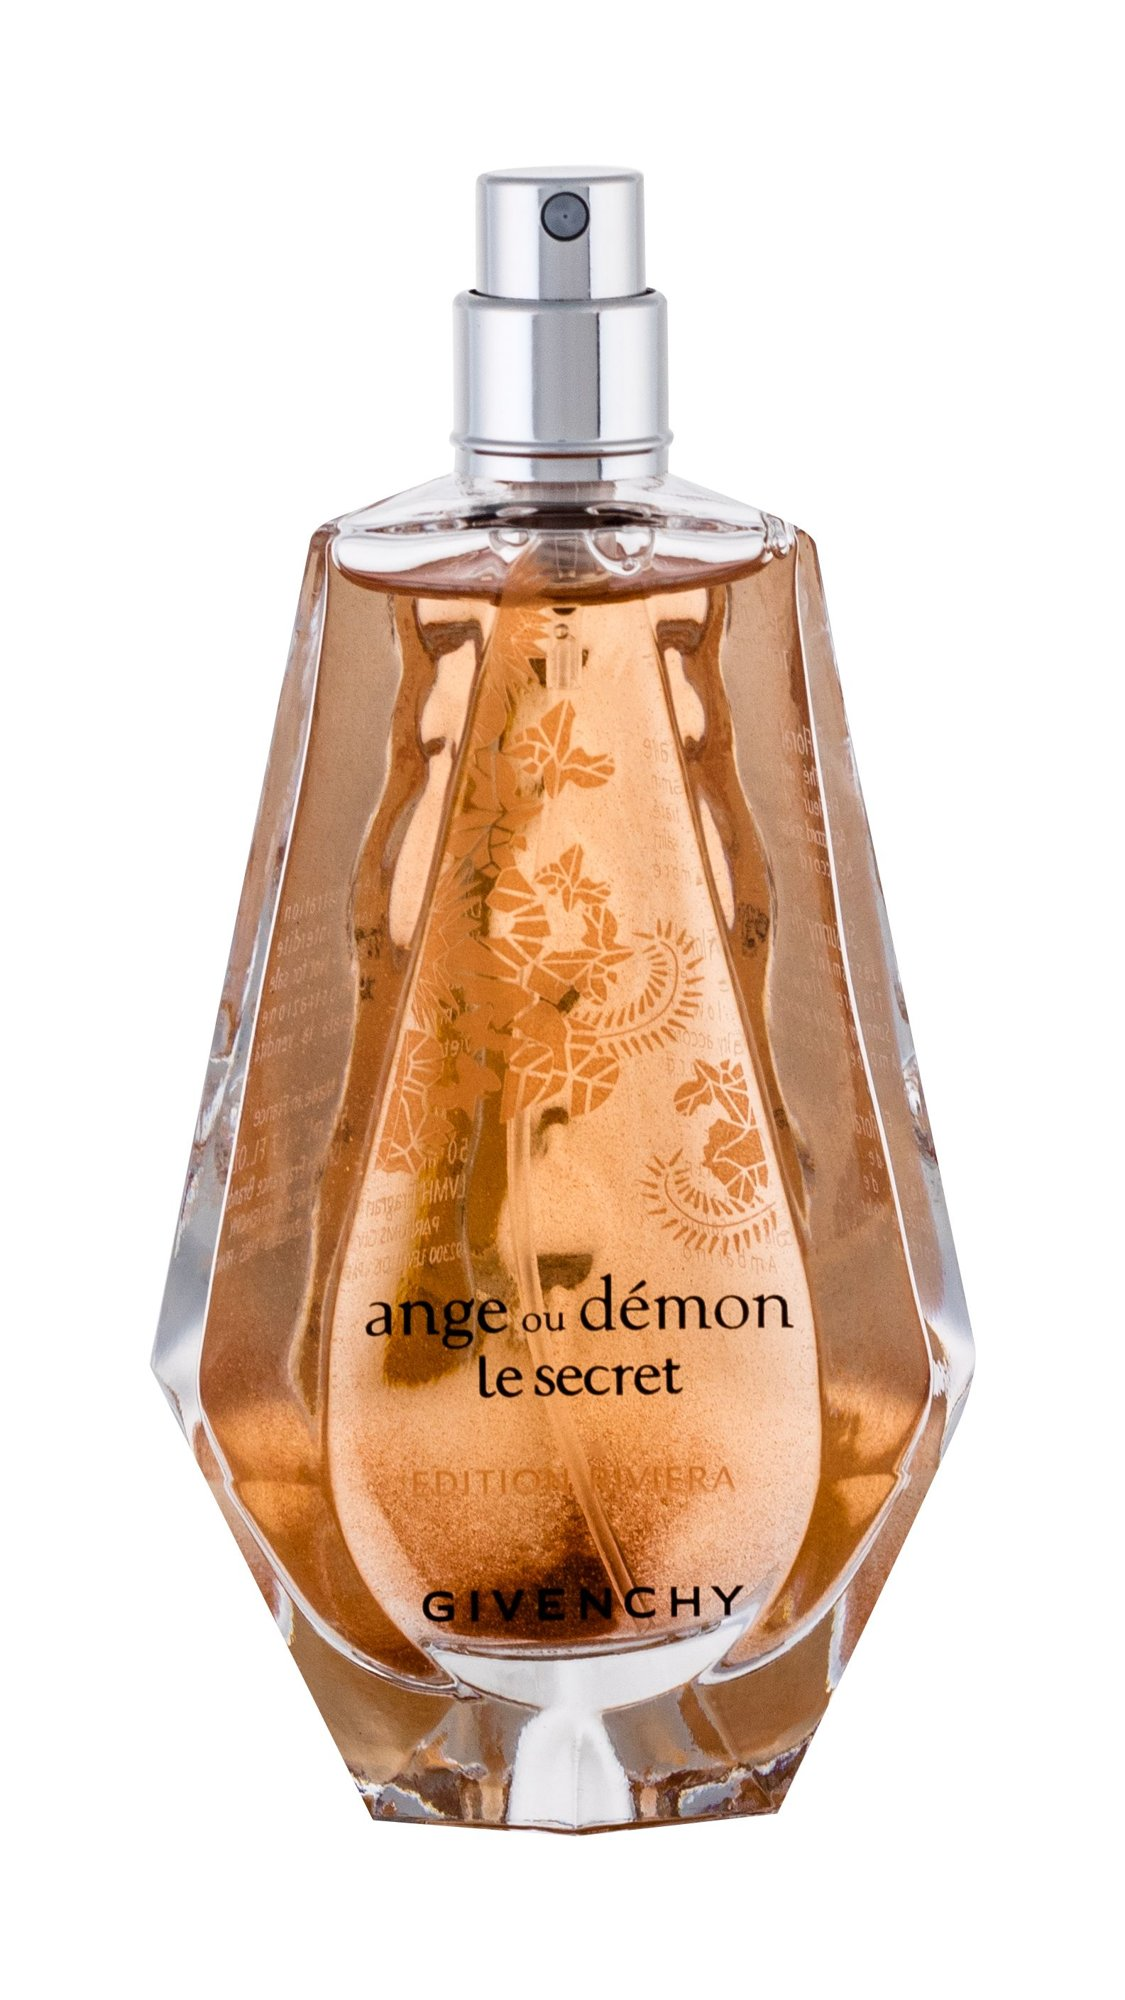 Givenchy Ange ou Demon (Etrange) Eau de Toilette 50ml  Le Secret Edition Croisiere